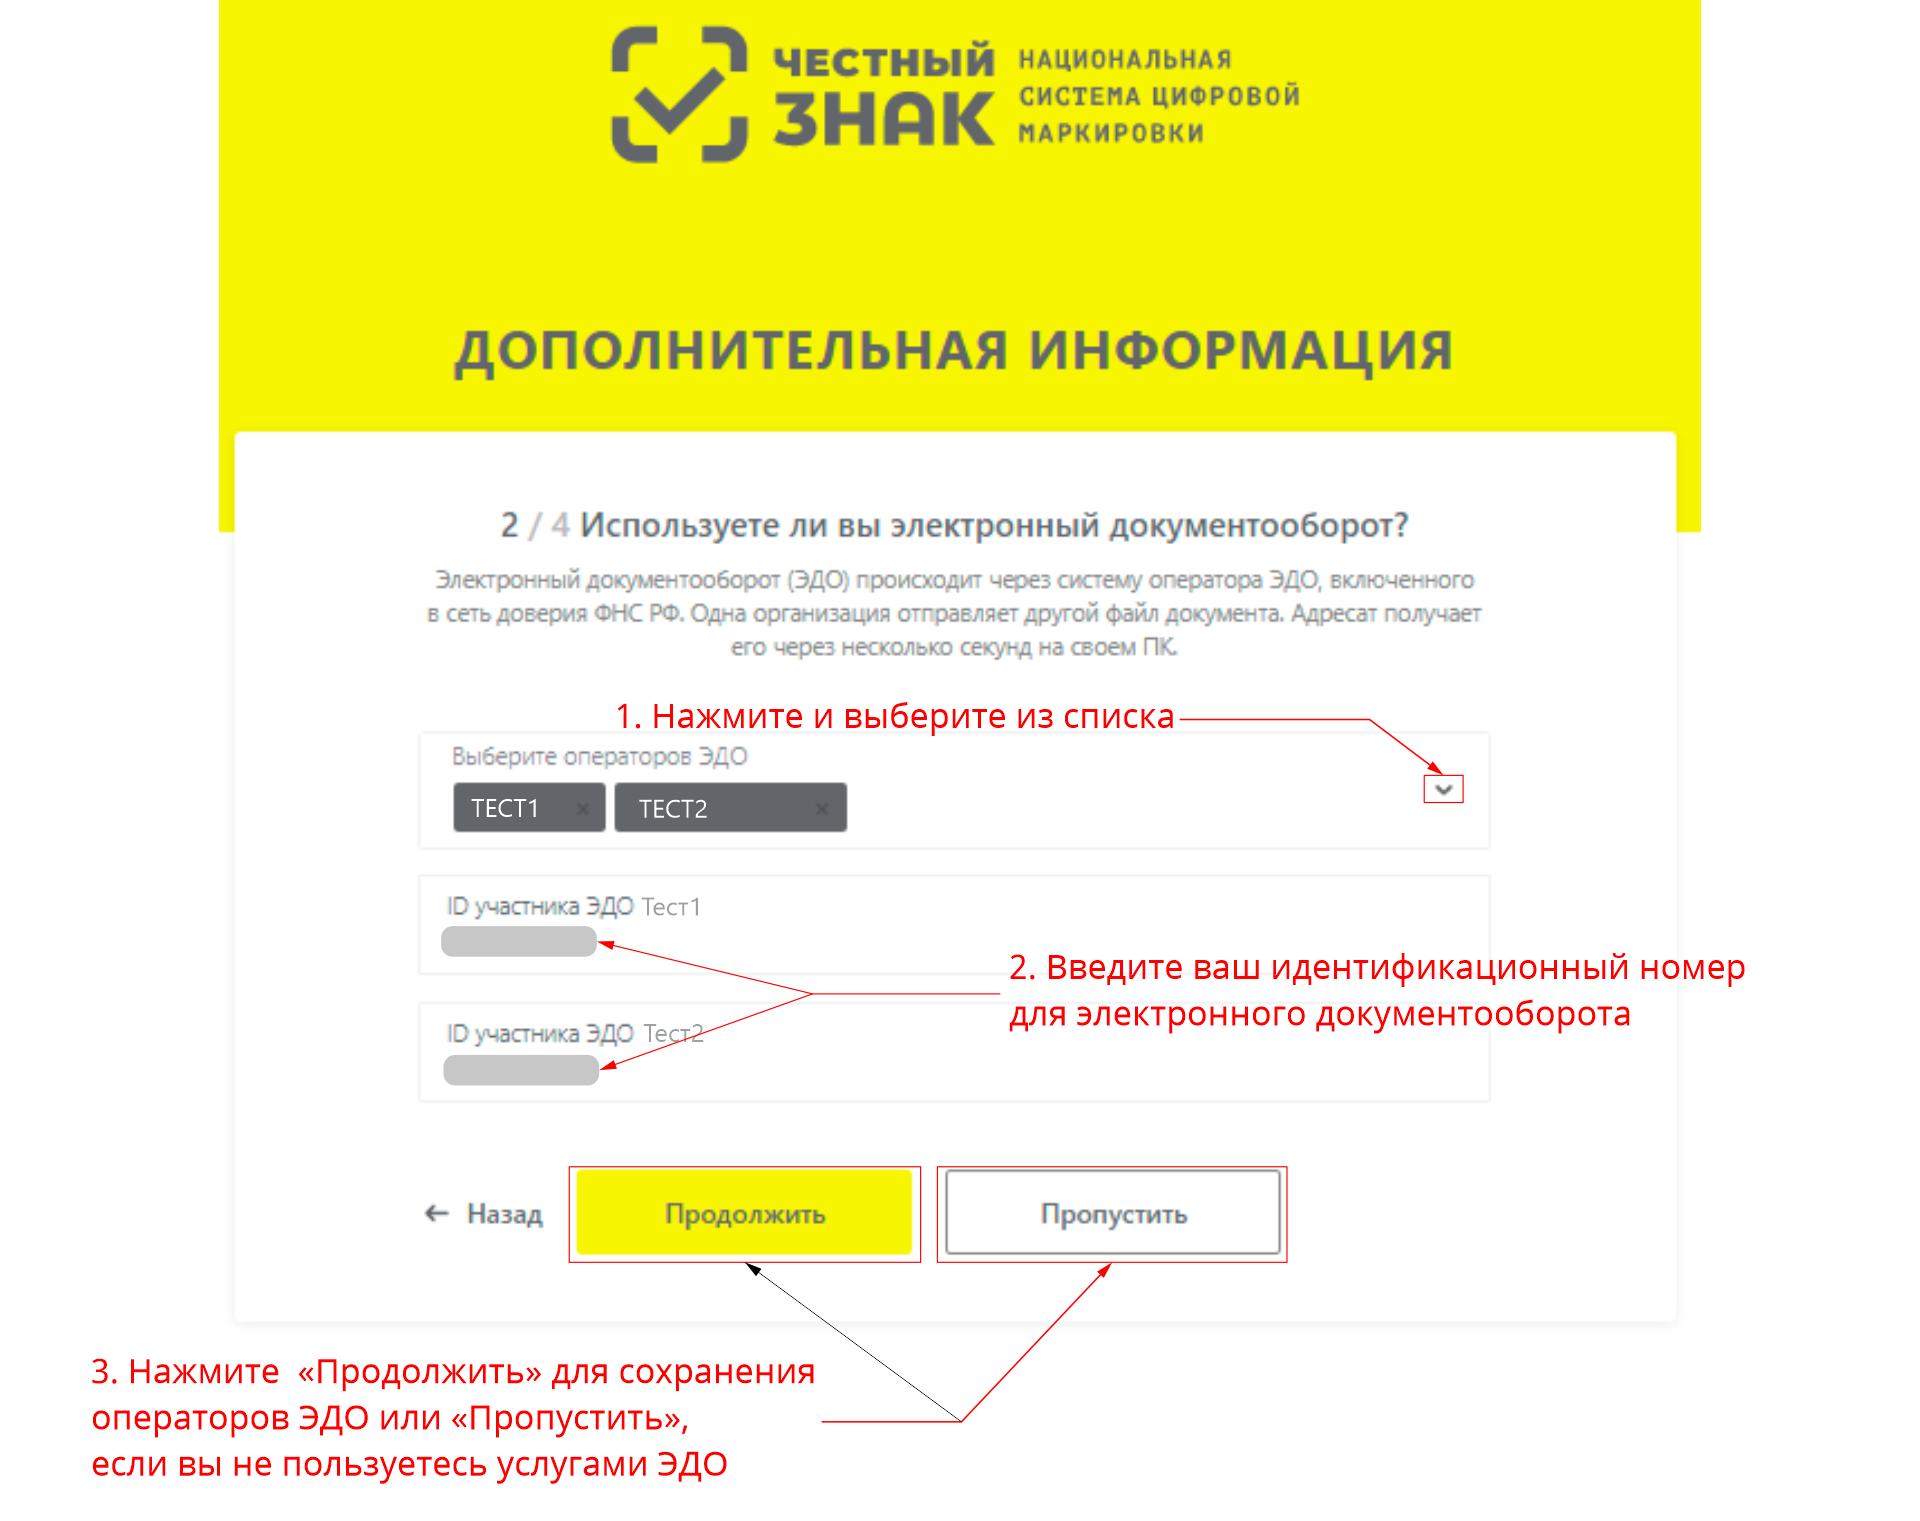 Заполнение операторов электронного документа